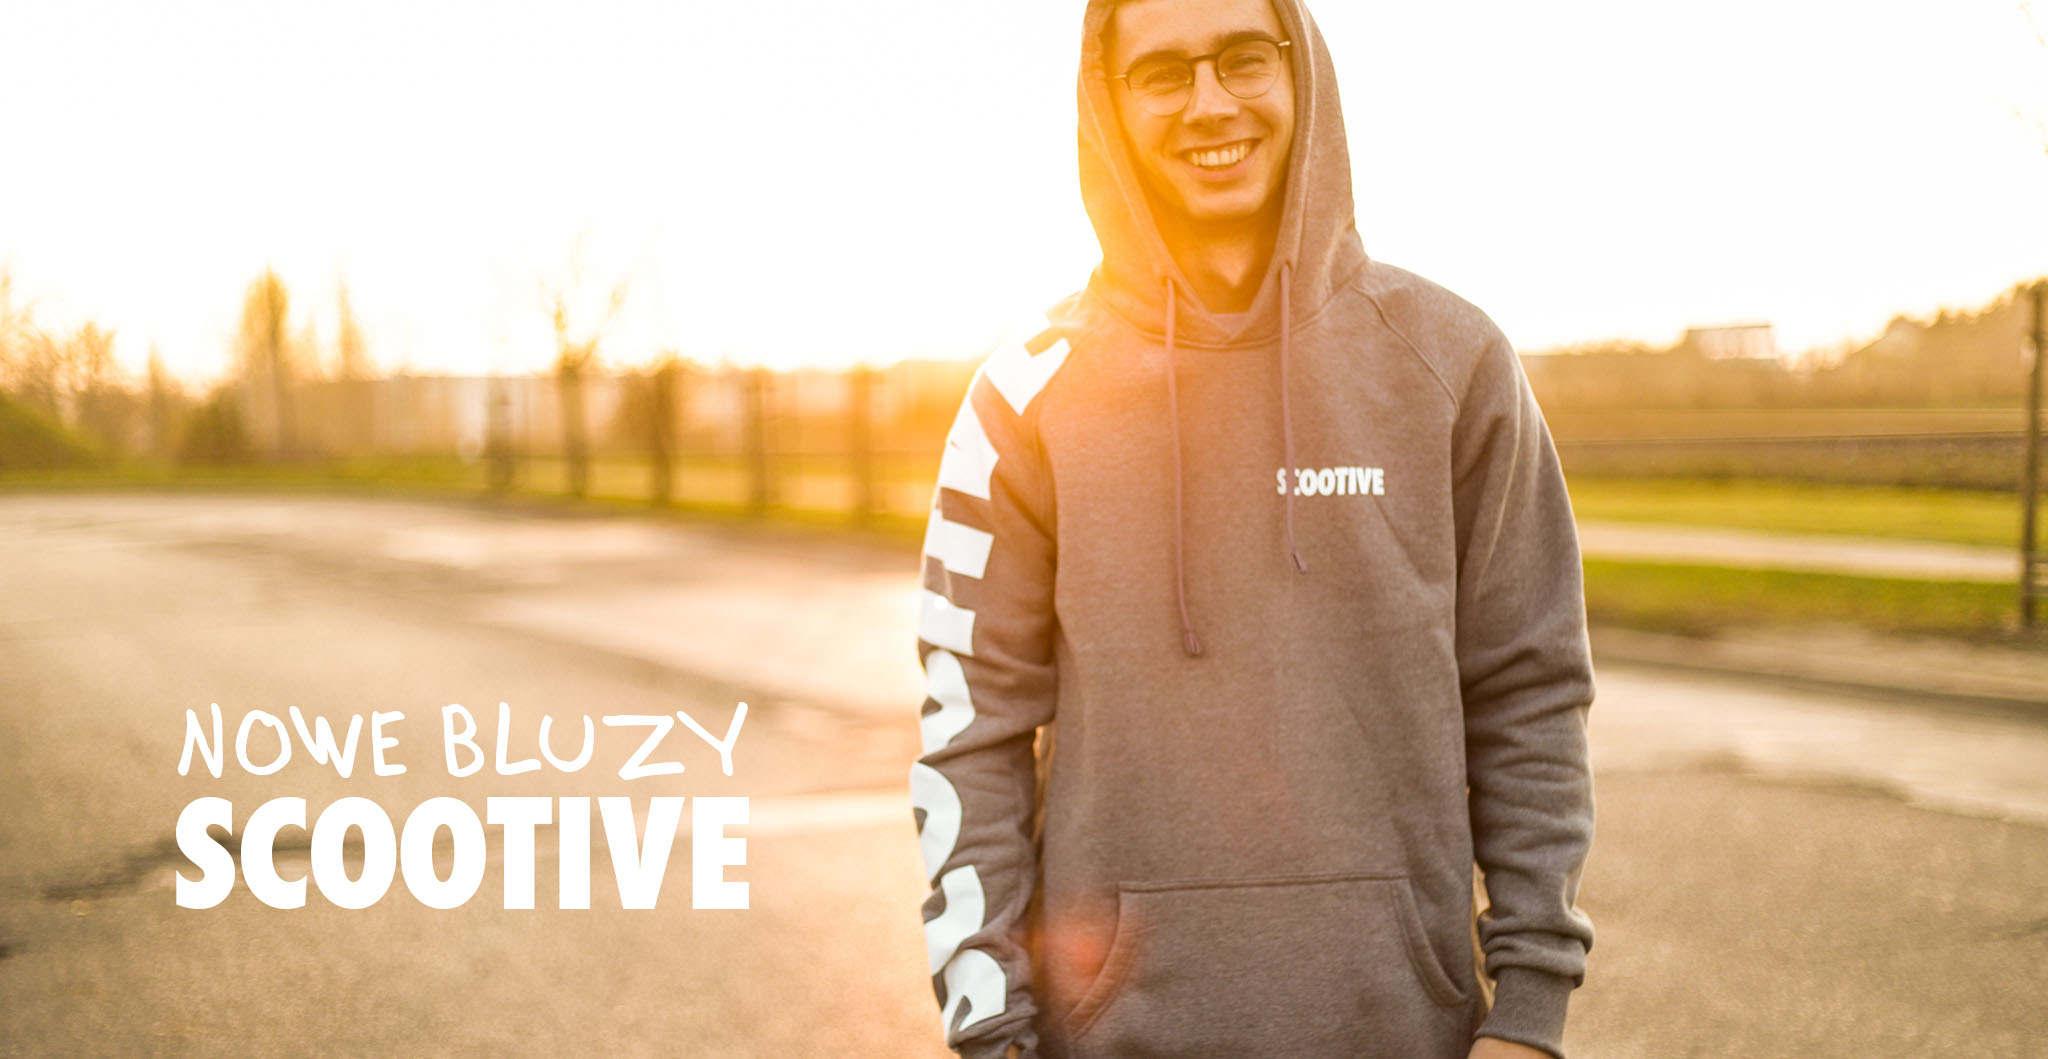 Scootive News: Nowe bluzy Scootive